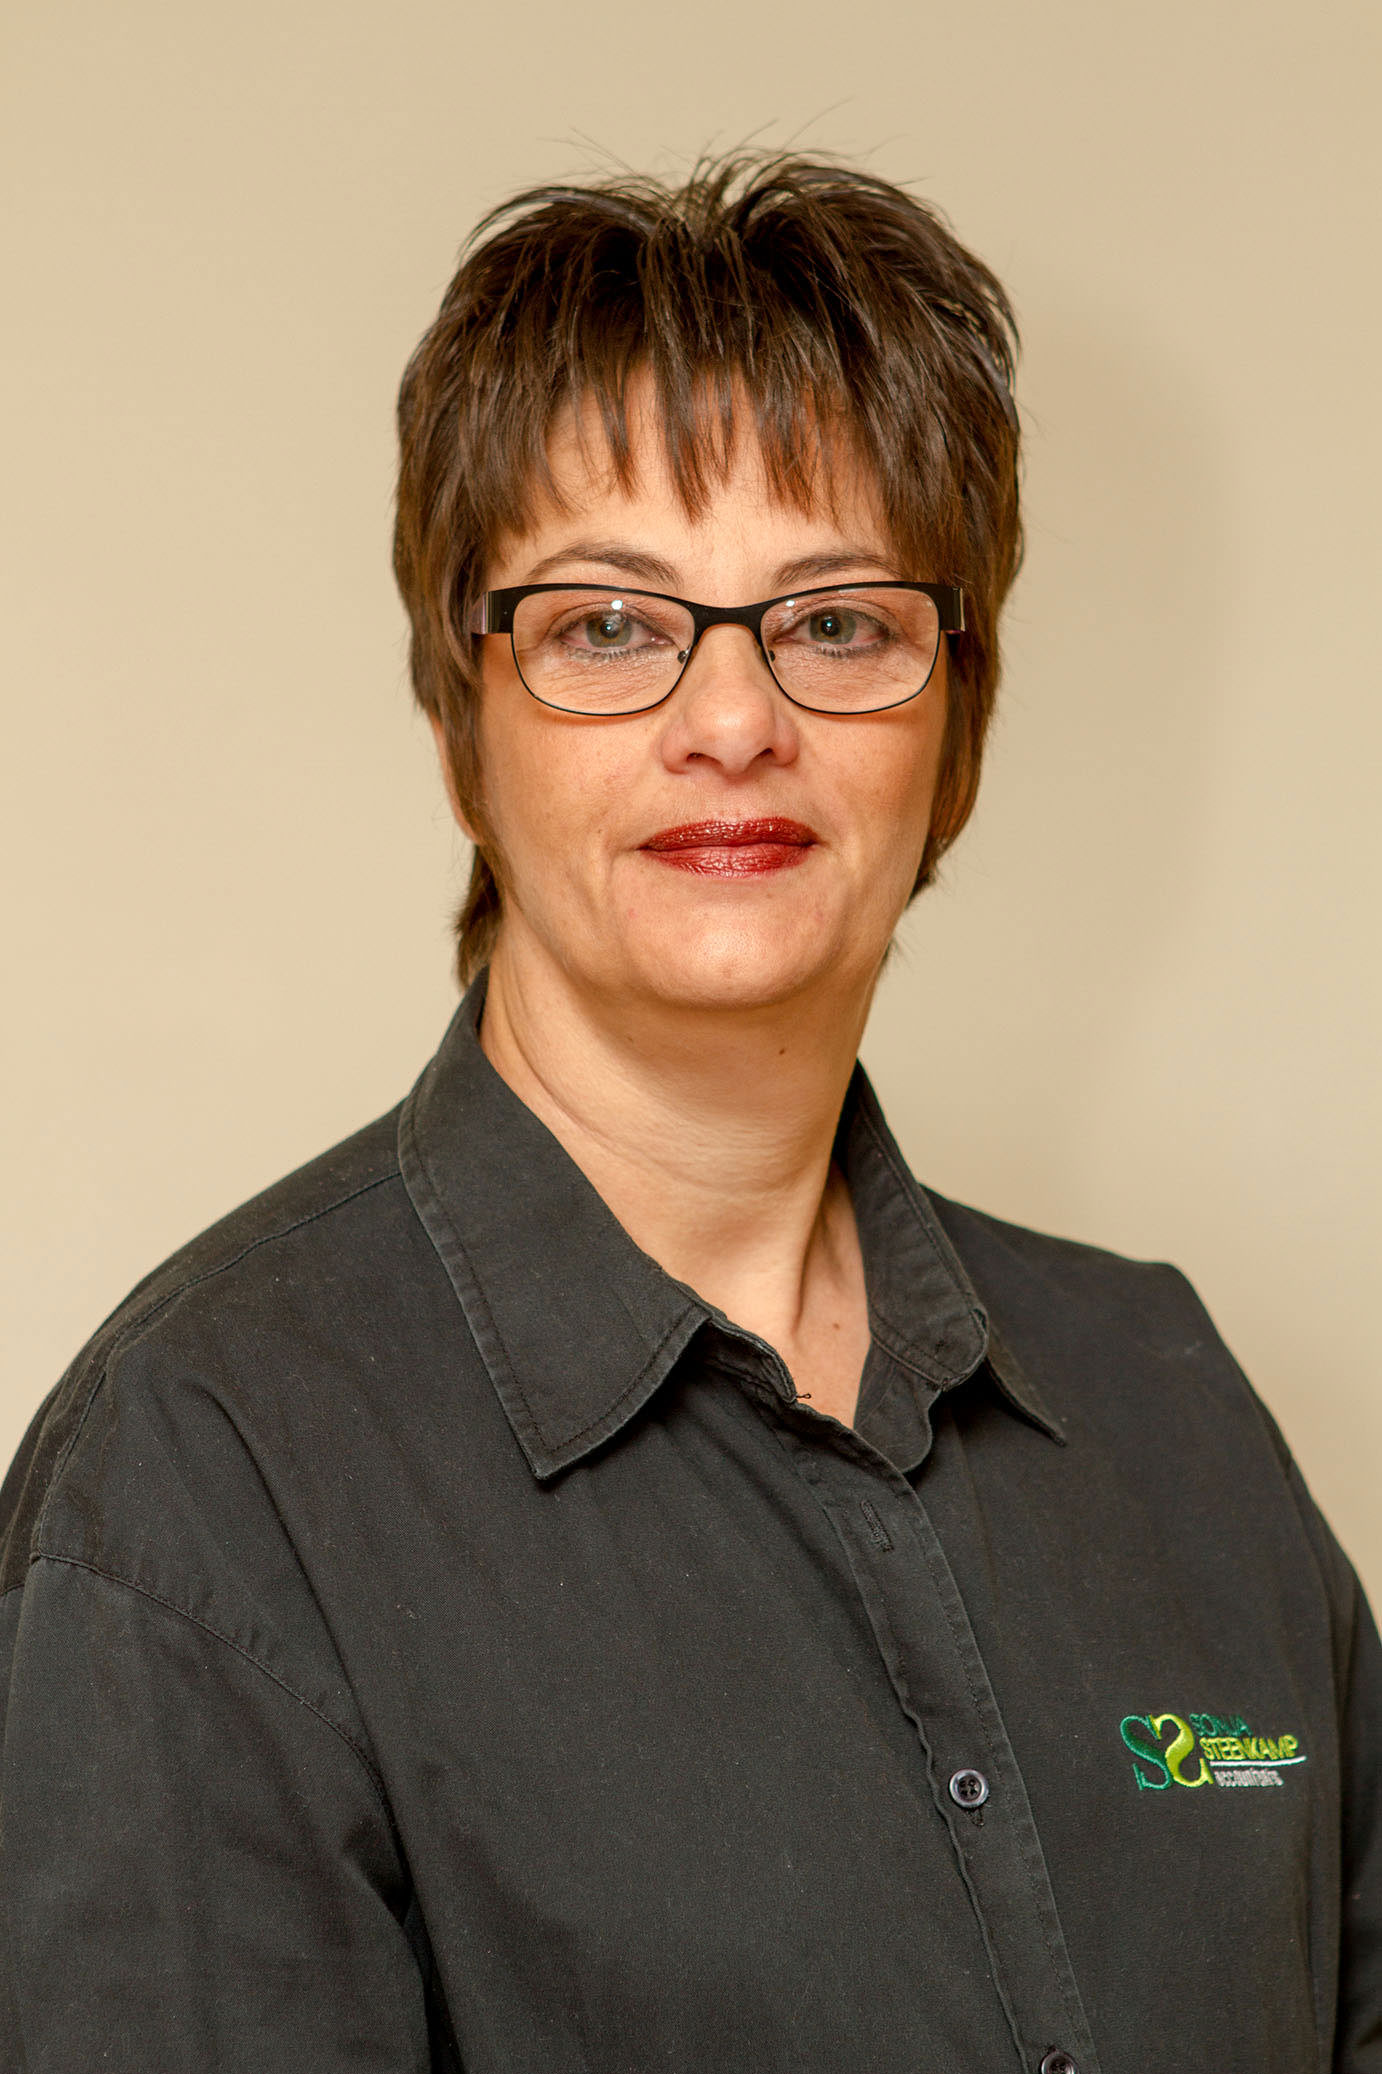 corporate headshots - Corporate Headshots Sonja Steenkamp 9 - Corporate Headshots – Sonja Steenkamp